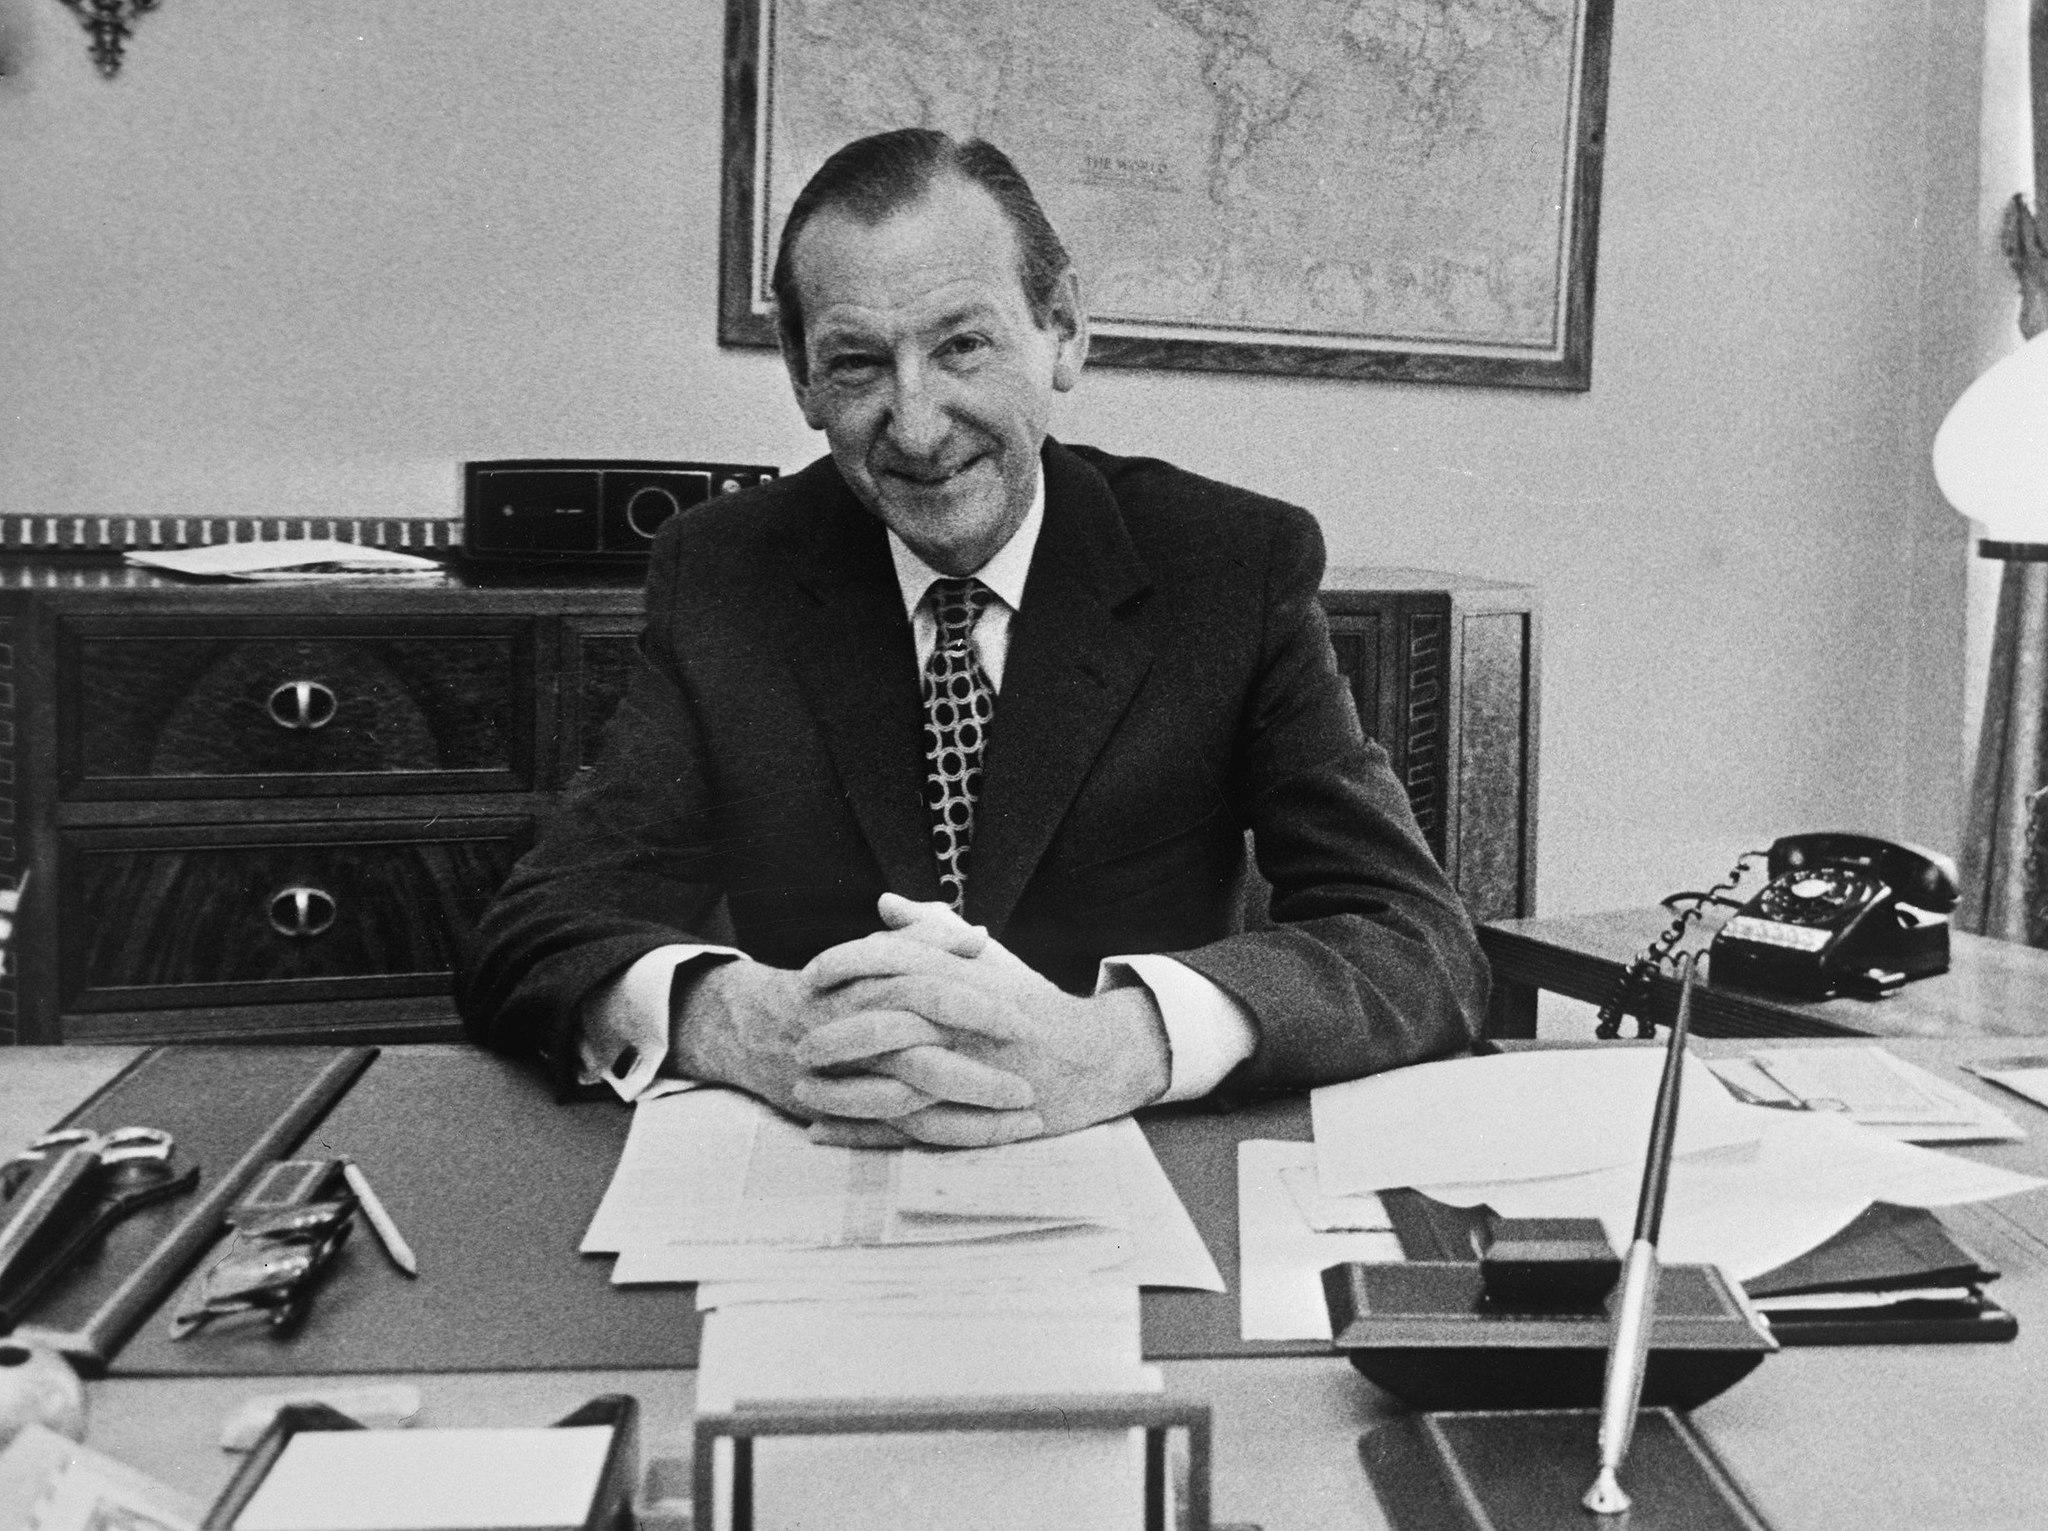 Kurt Waldheim, alors secrétaire général de l'ONU, en décembre 1971